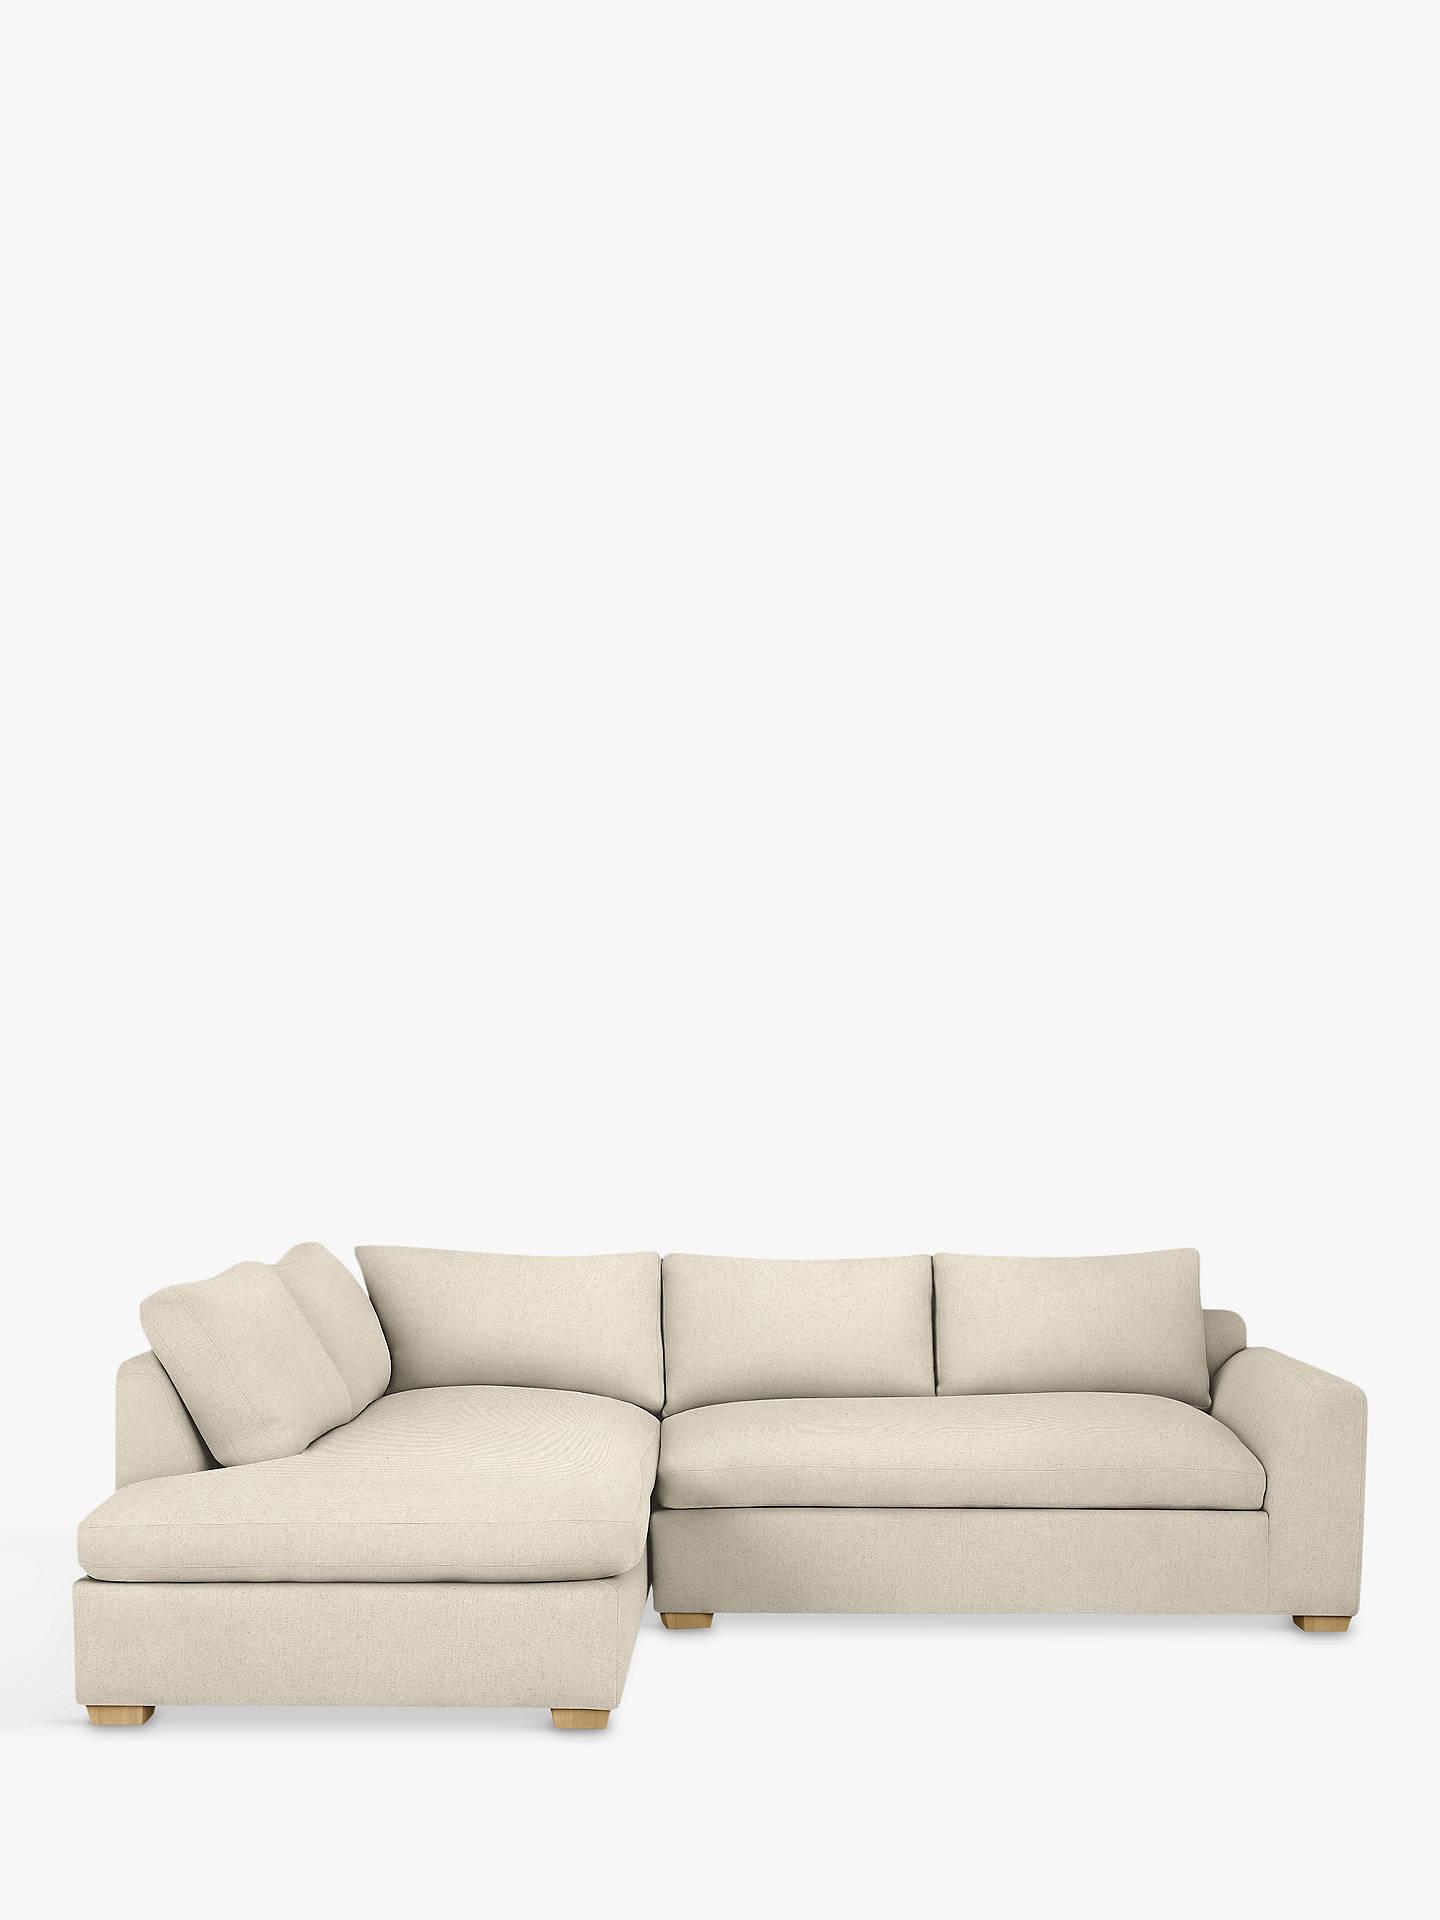 John Lewis & Partners Tortona LHF Chaise End Sofa, Light Leg ... on chaise furniture, chaise sofa sleeper, chaise recliner chair,